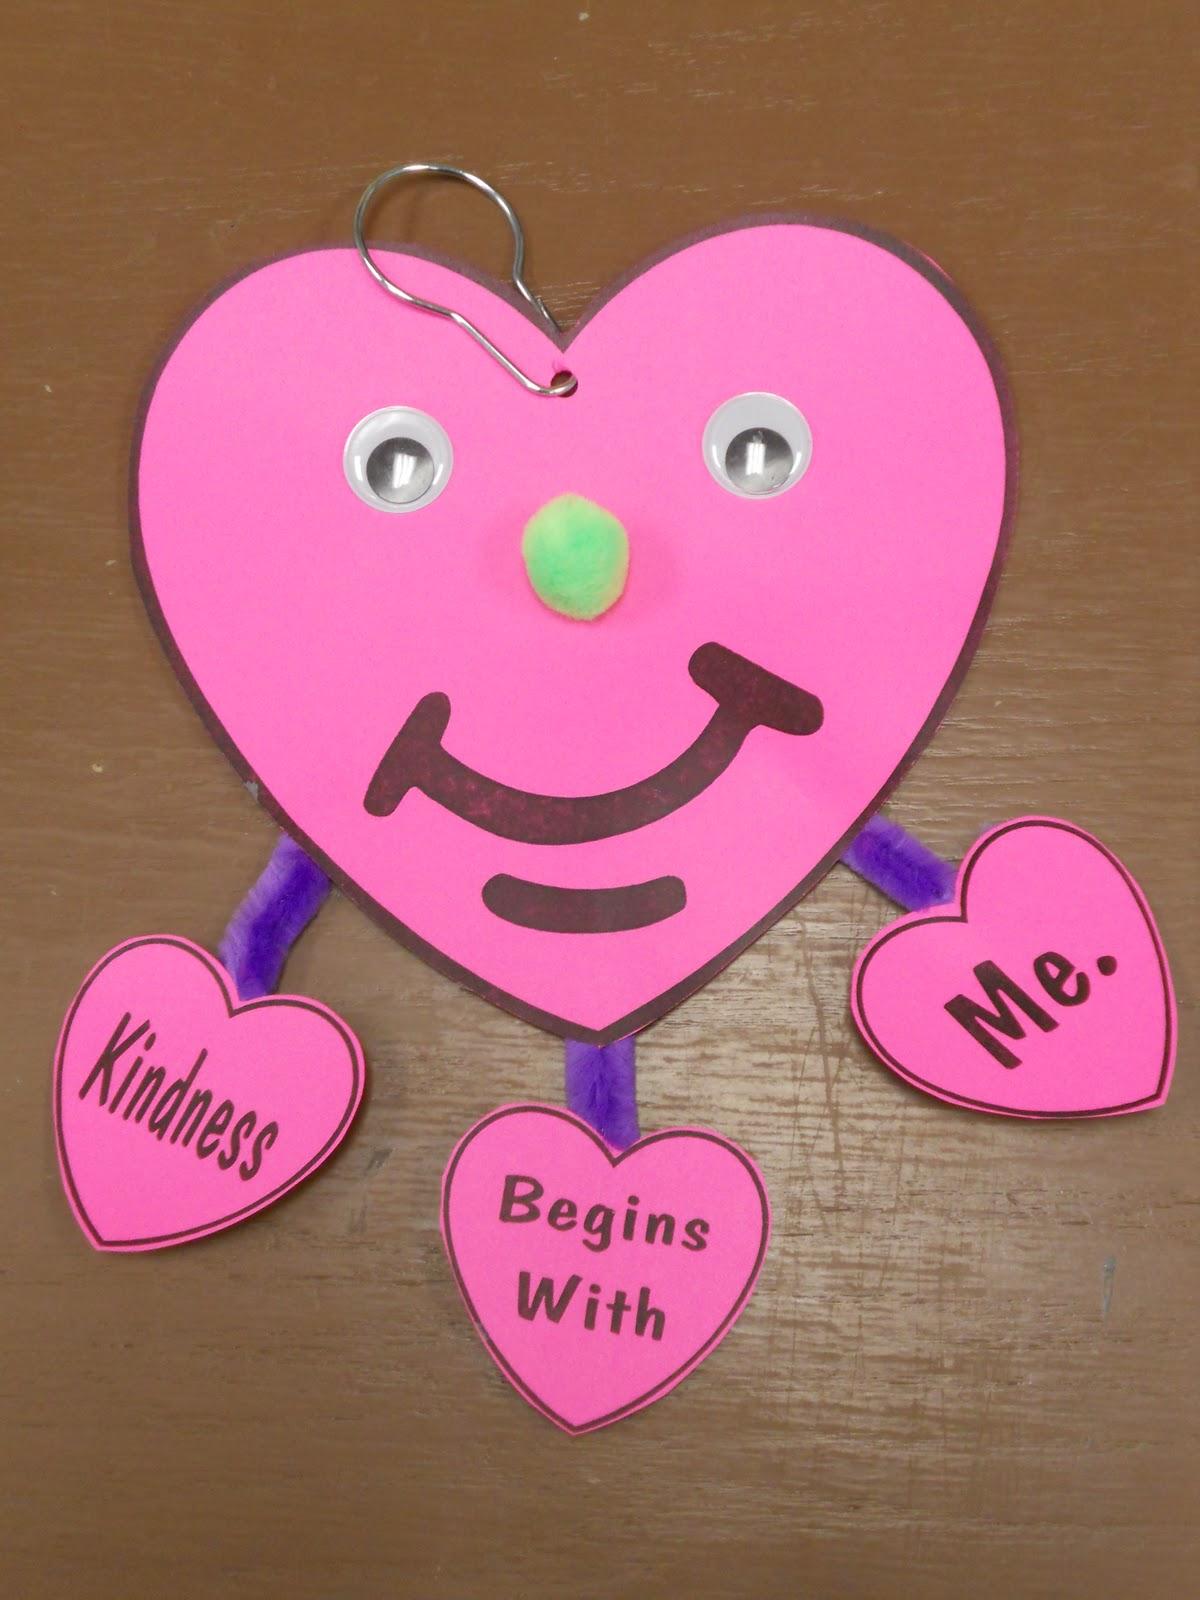 Kindness crafts for preschoolers - Kindness